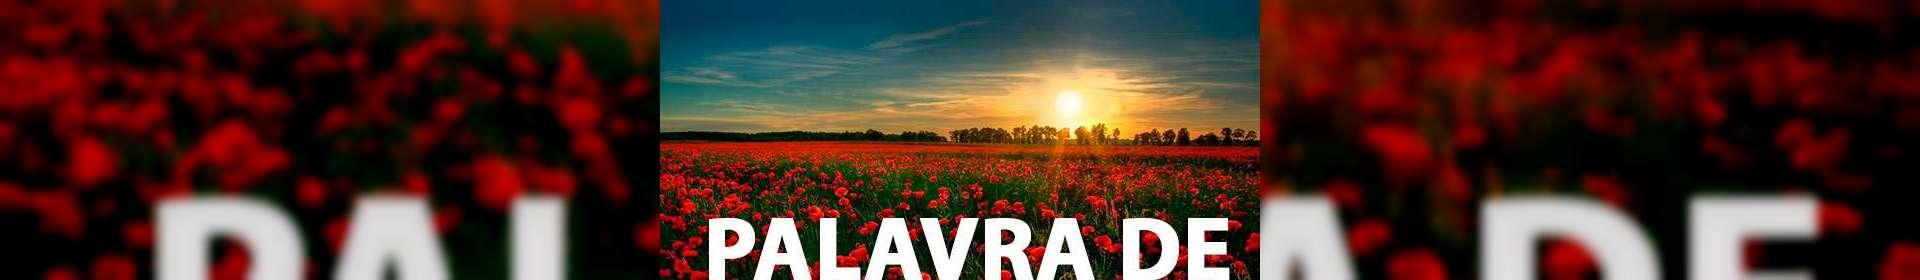 Isaías 30:7 - Uma Palavra de Esperança para sua vida